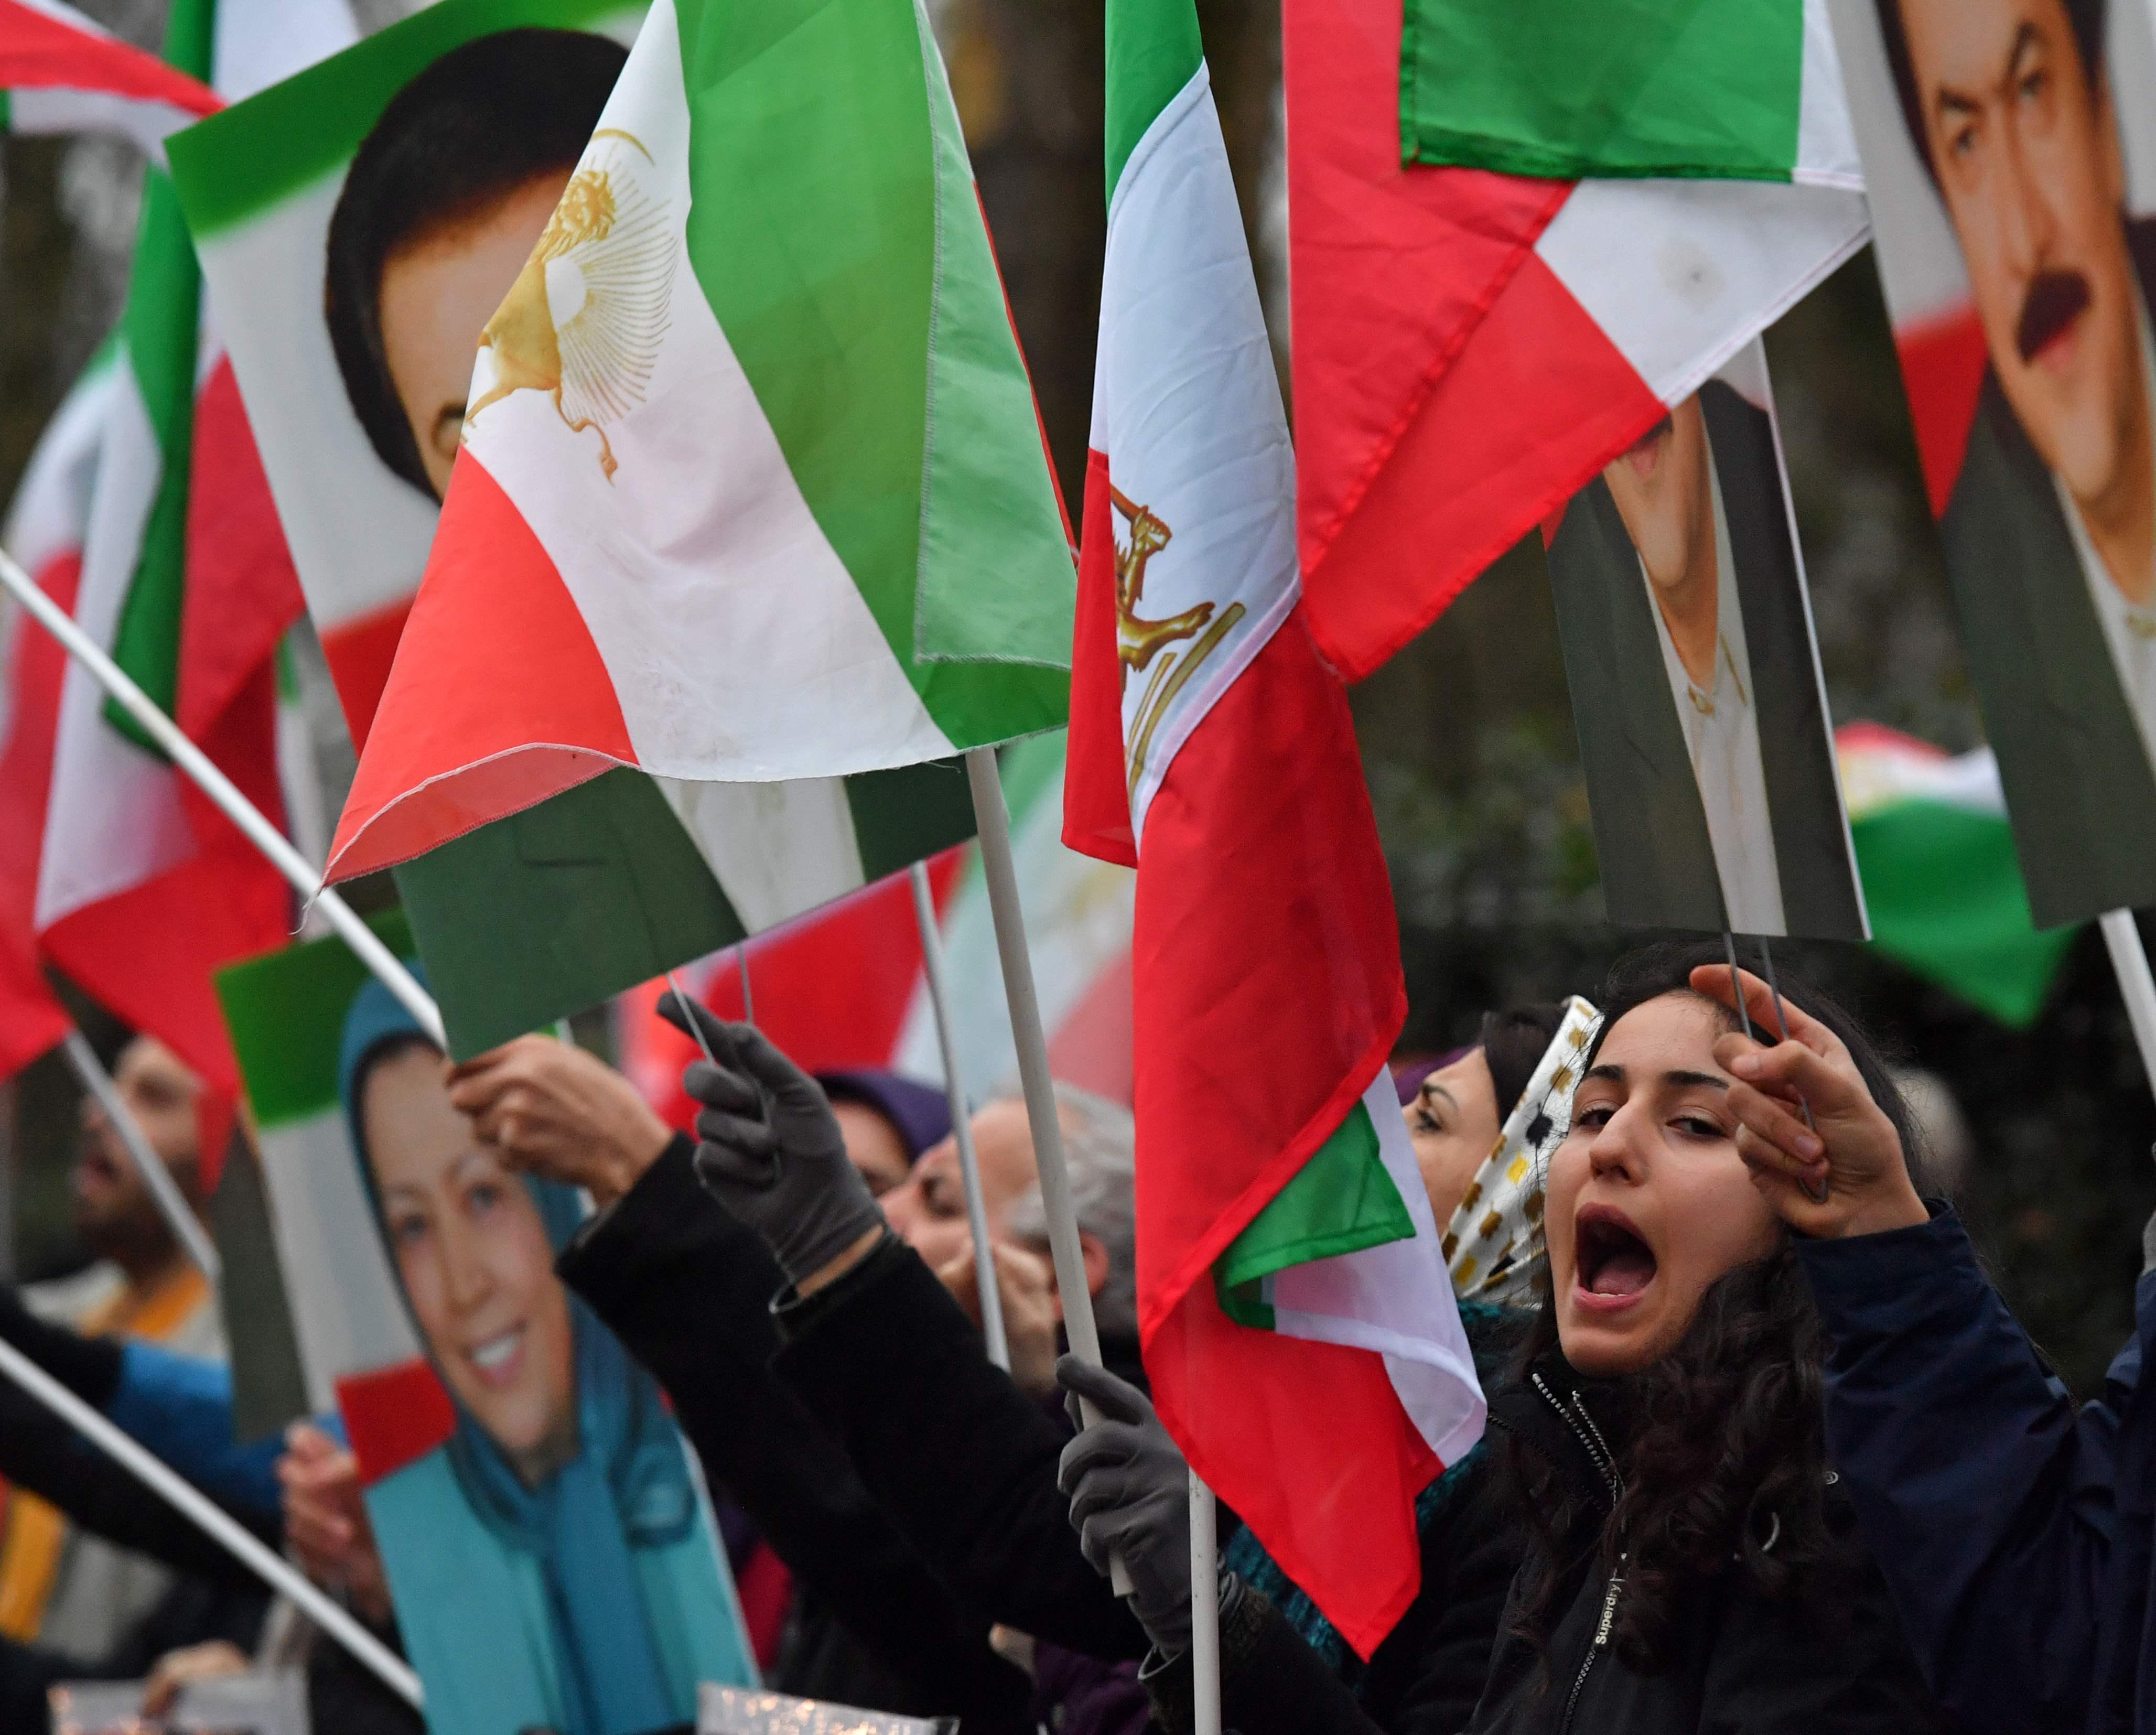 إيرانيون يتظاهرون فى لندن تضامنا مع ثورة الفقراء